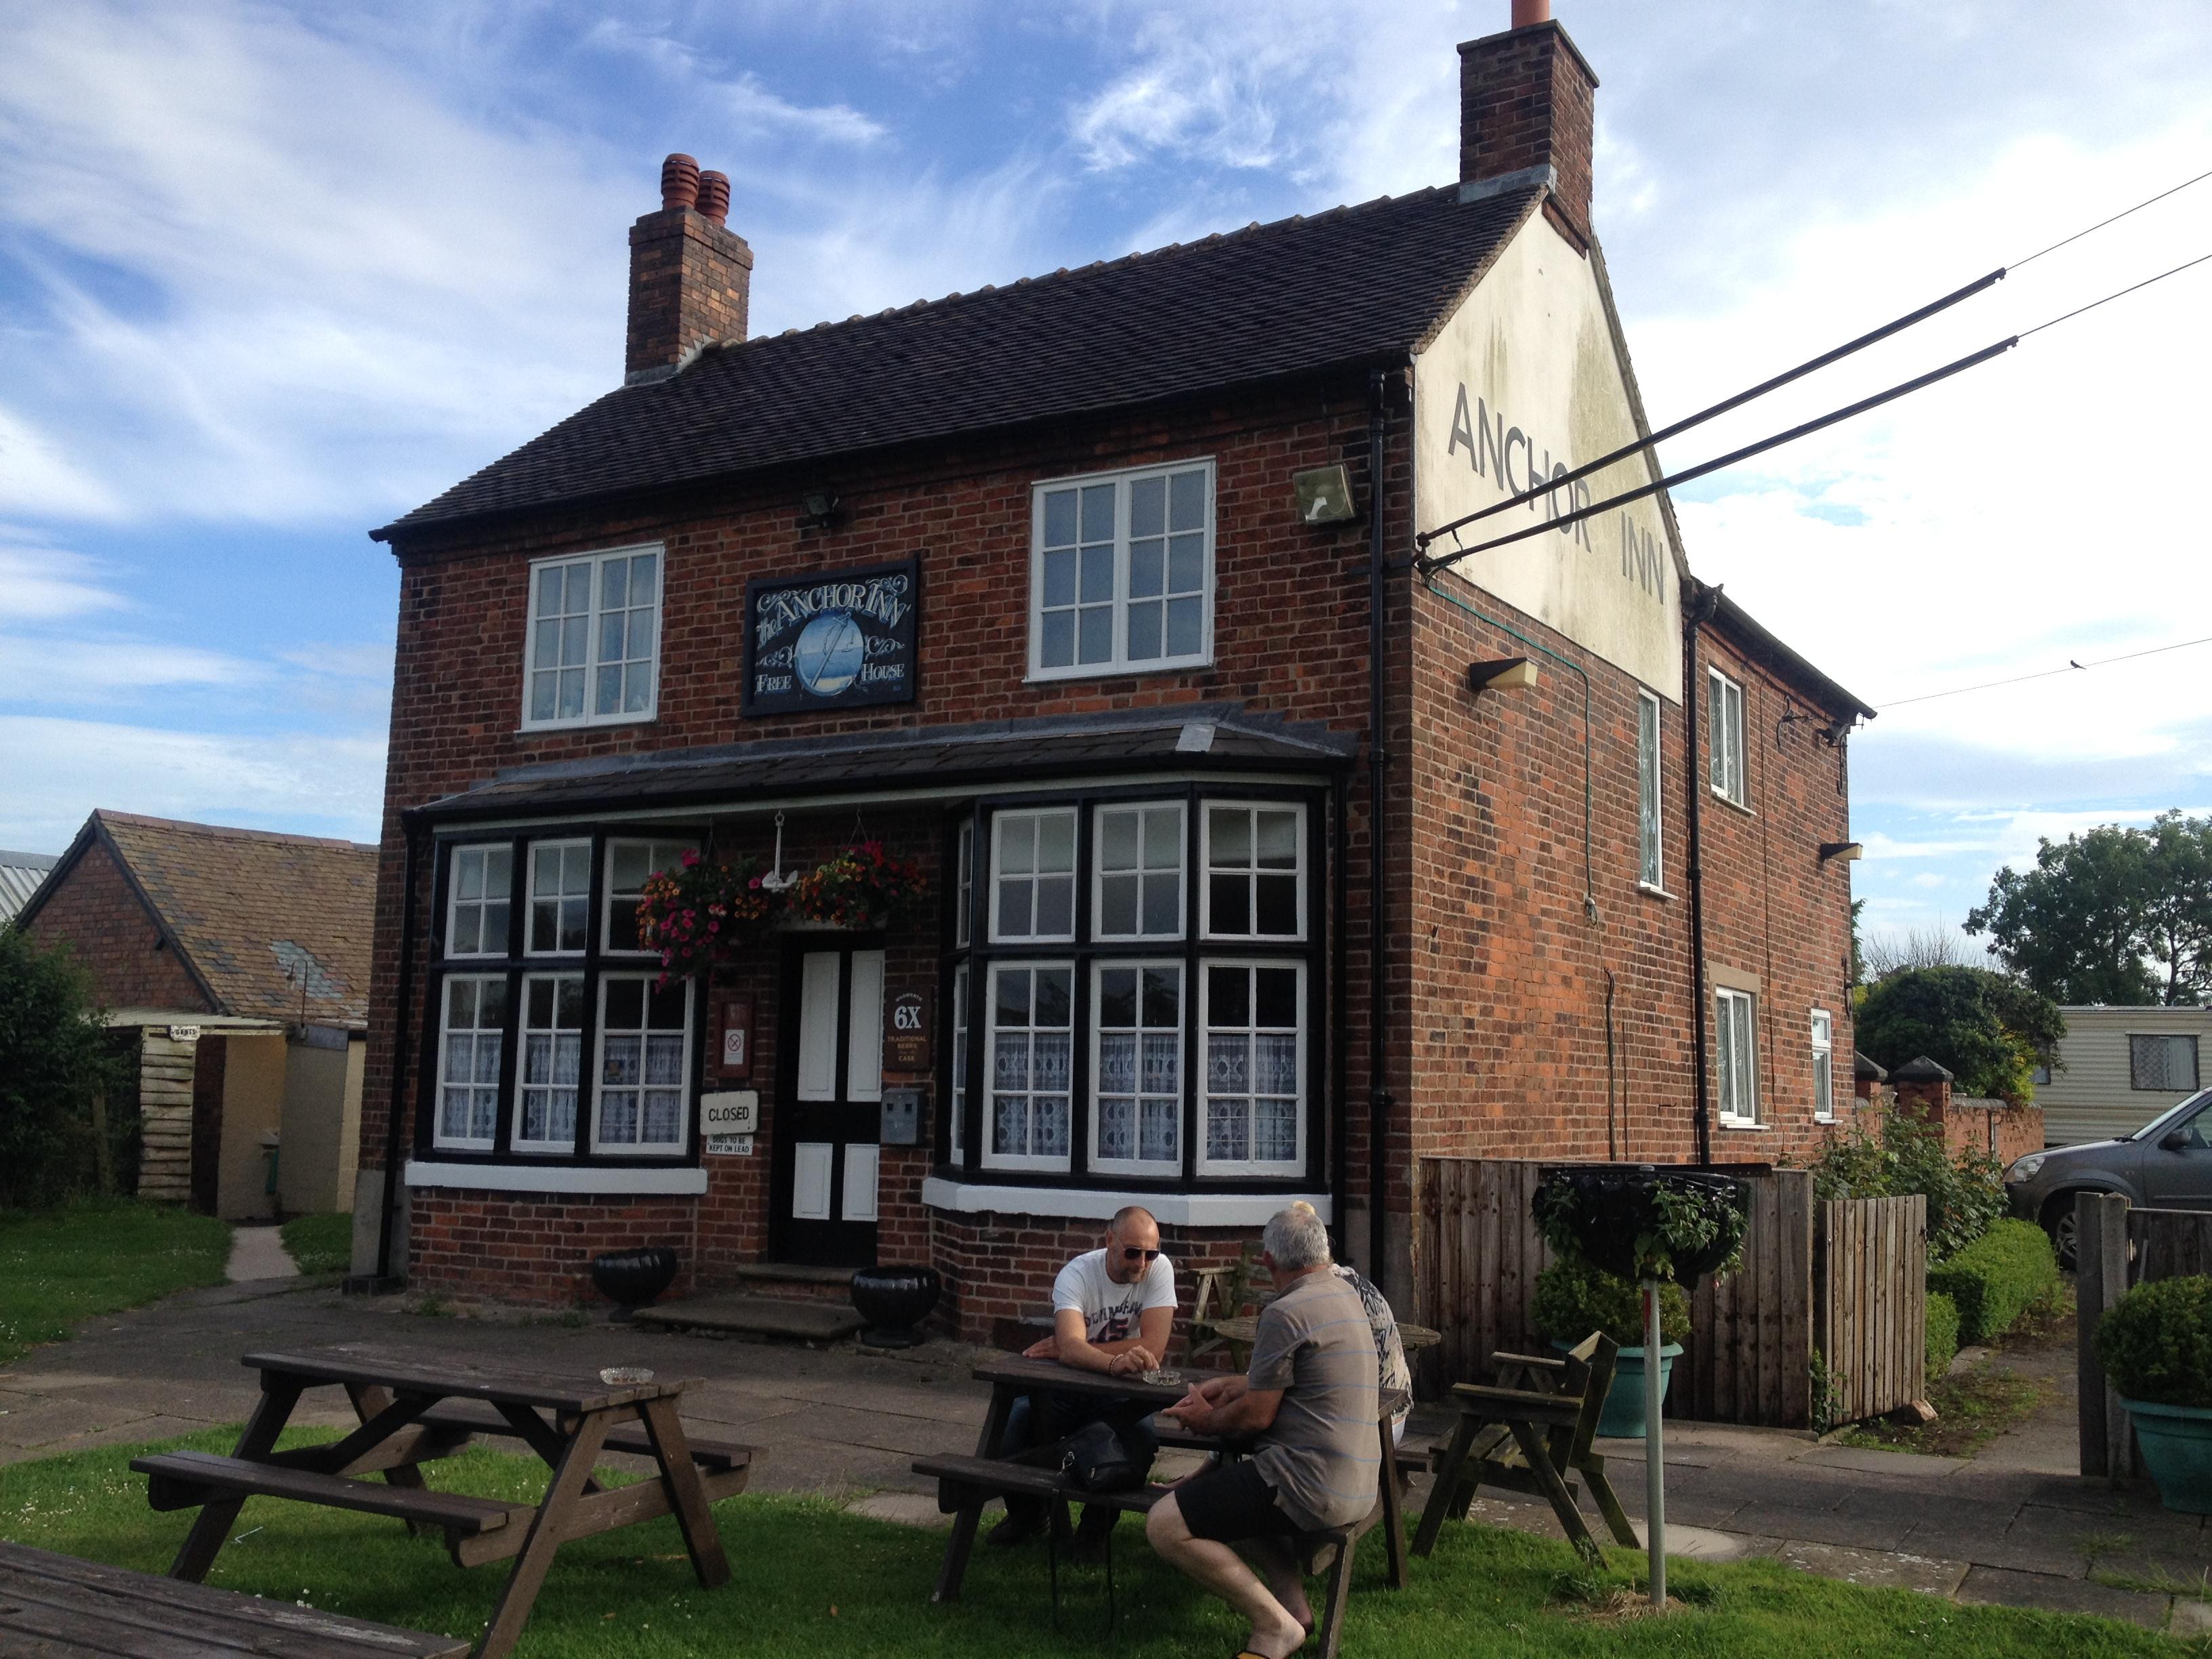 The Anchor Inn, High Offley